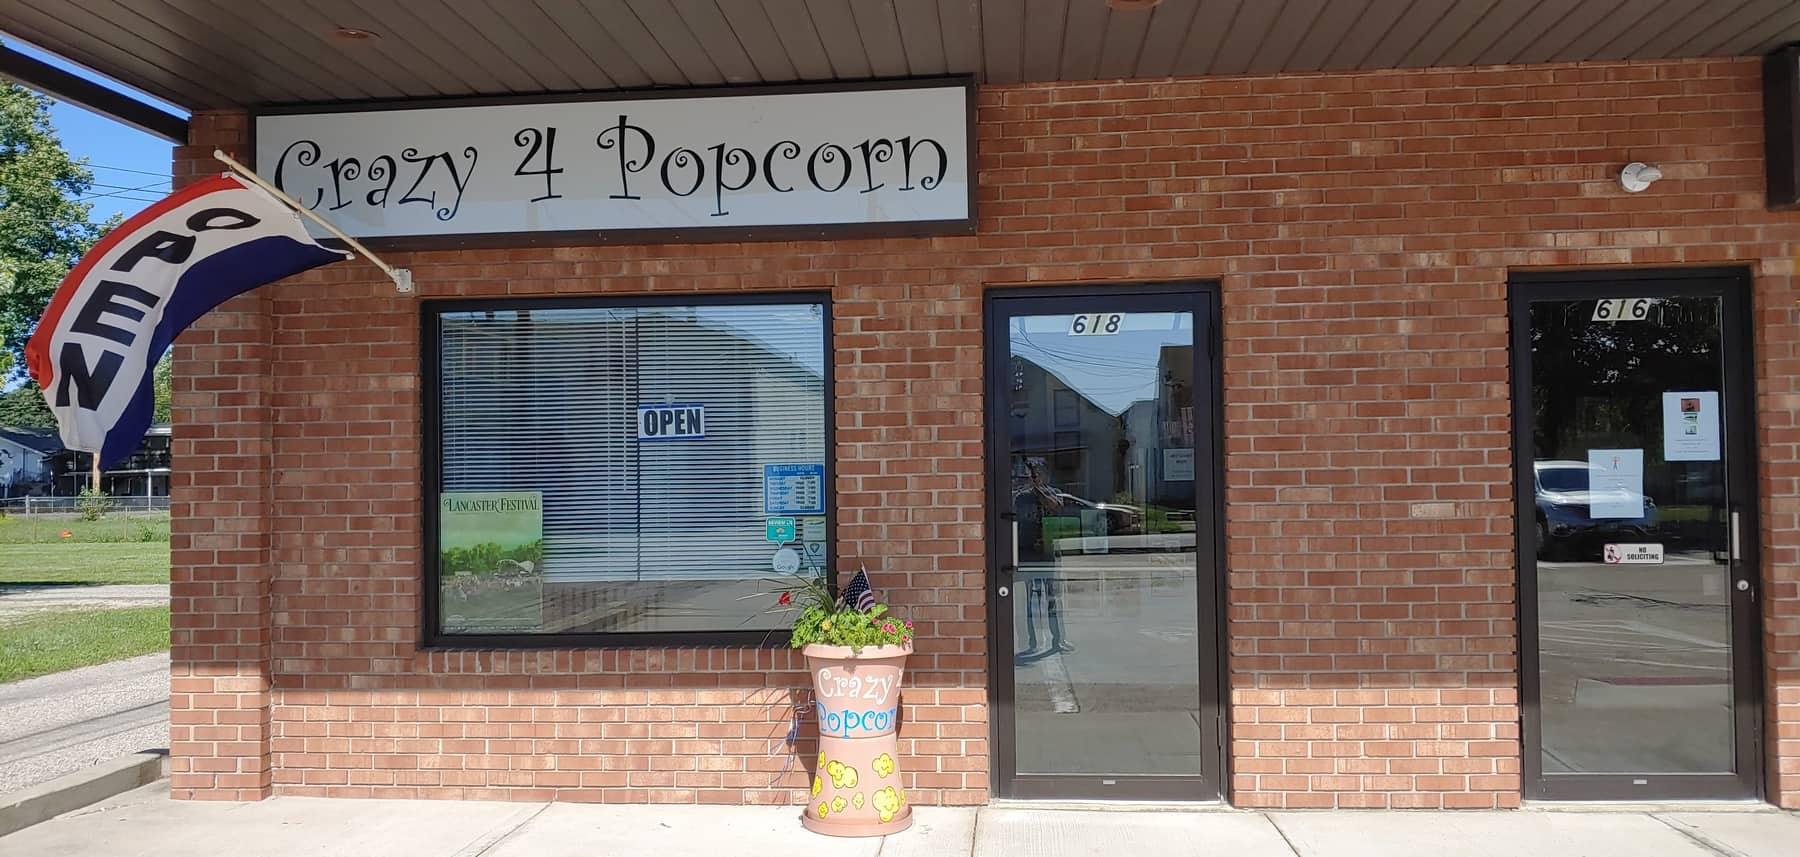 Crazy 4 Popcorn in Lancaster, Ohio